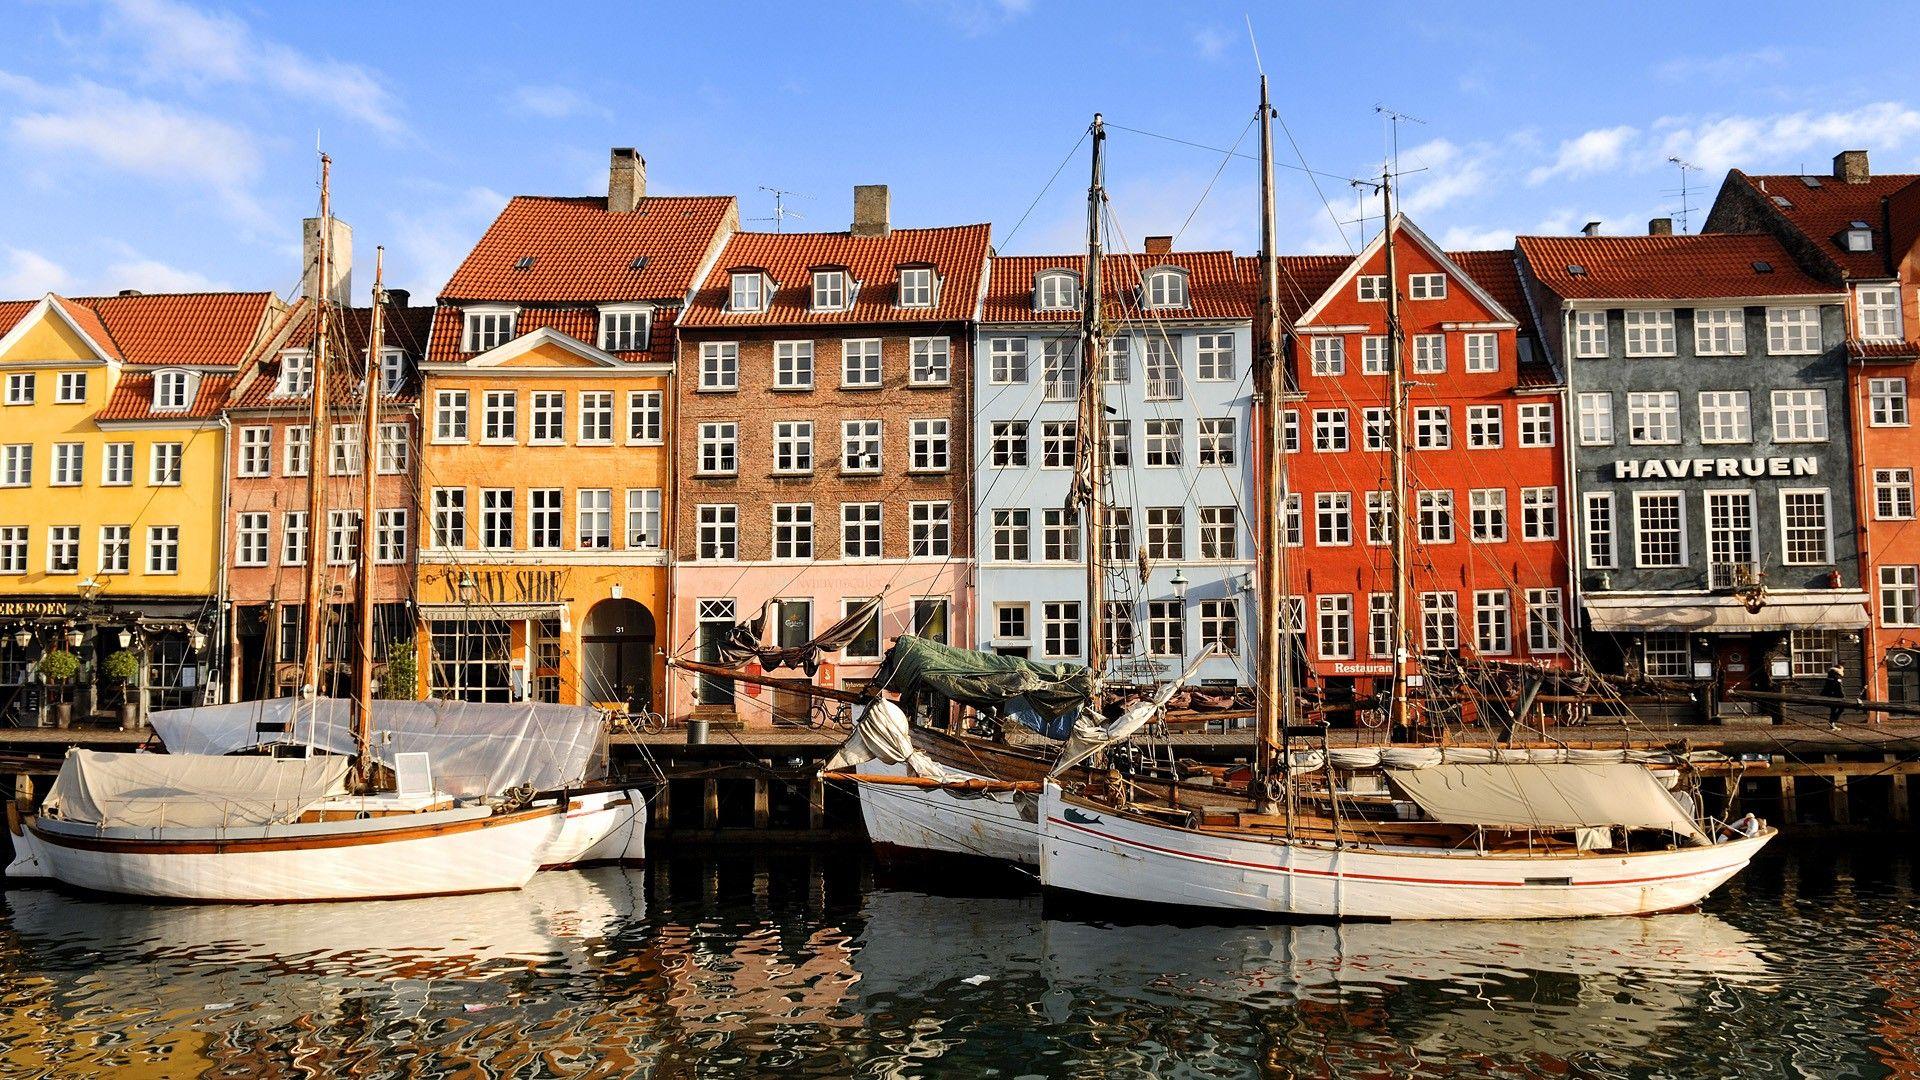 Hd wallpaper district copenhagen danmark countries copenhagen denmark copenhagen denmark - Copenhagen wallpaper ...